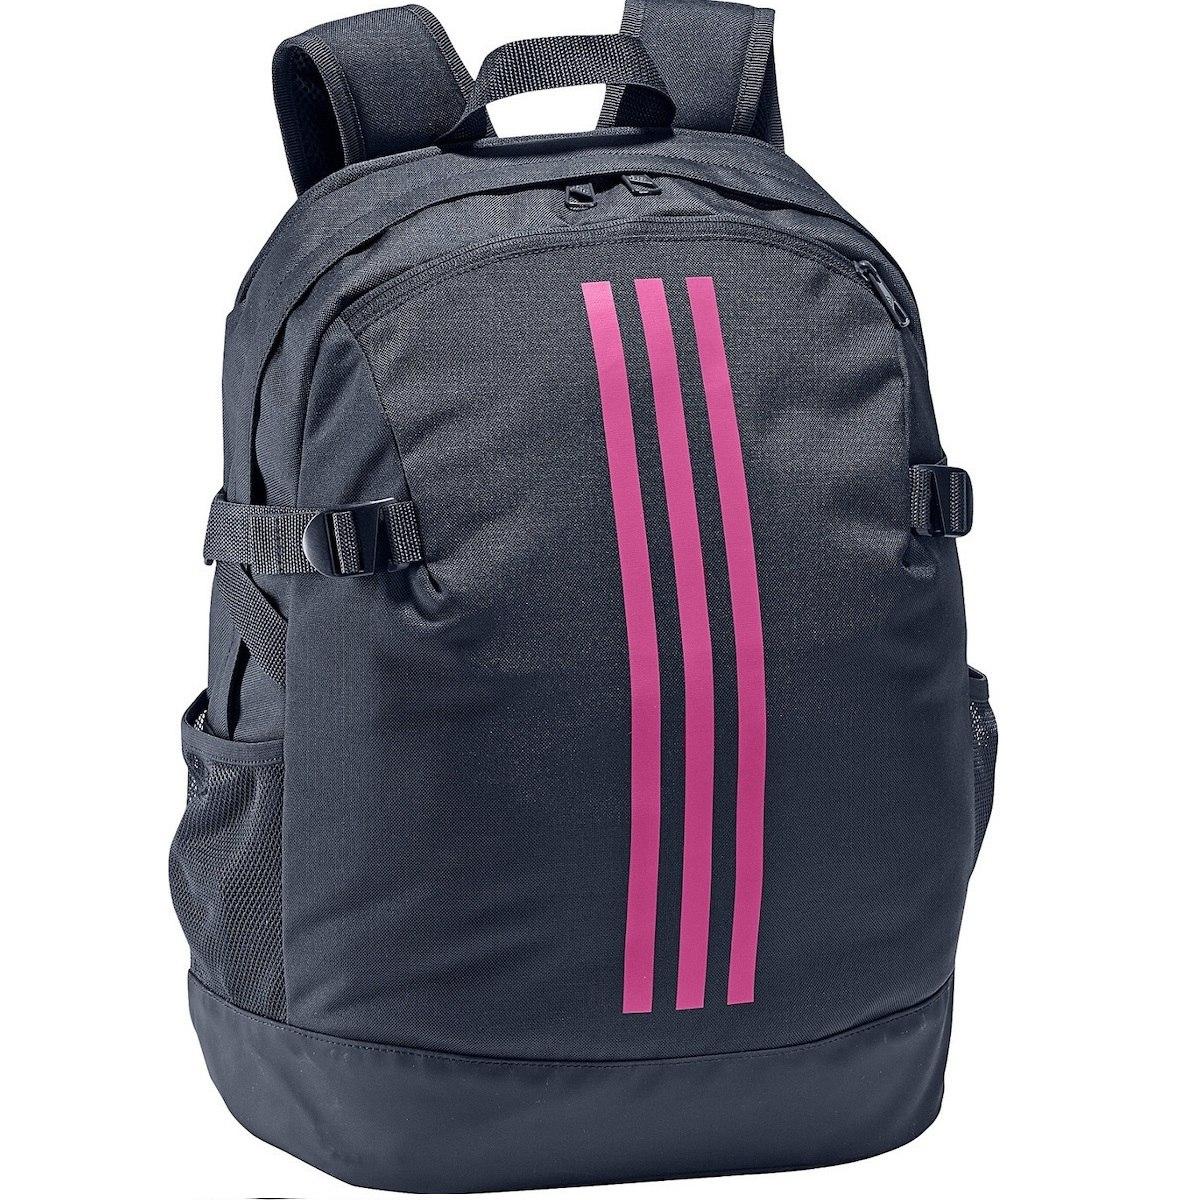 a22281a45 mochila costas adidas bp power iv unissex dm7682 azul/rosa. Carregando zoom.